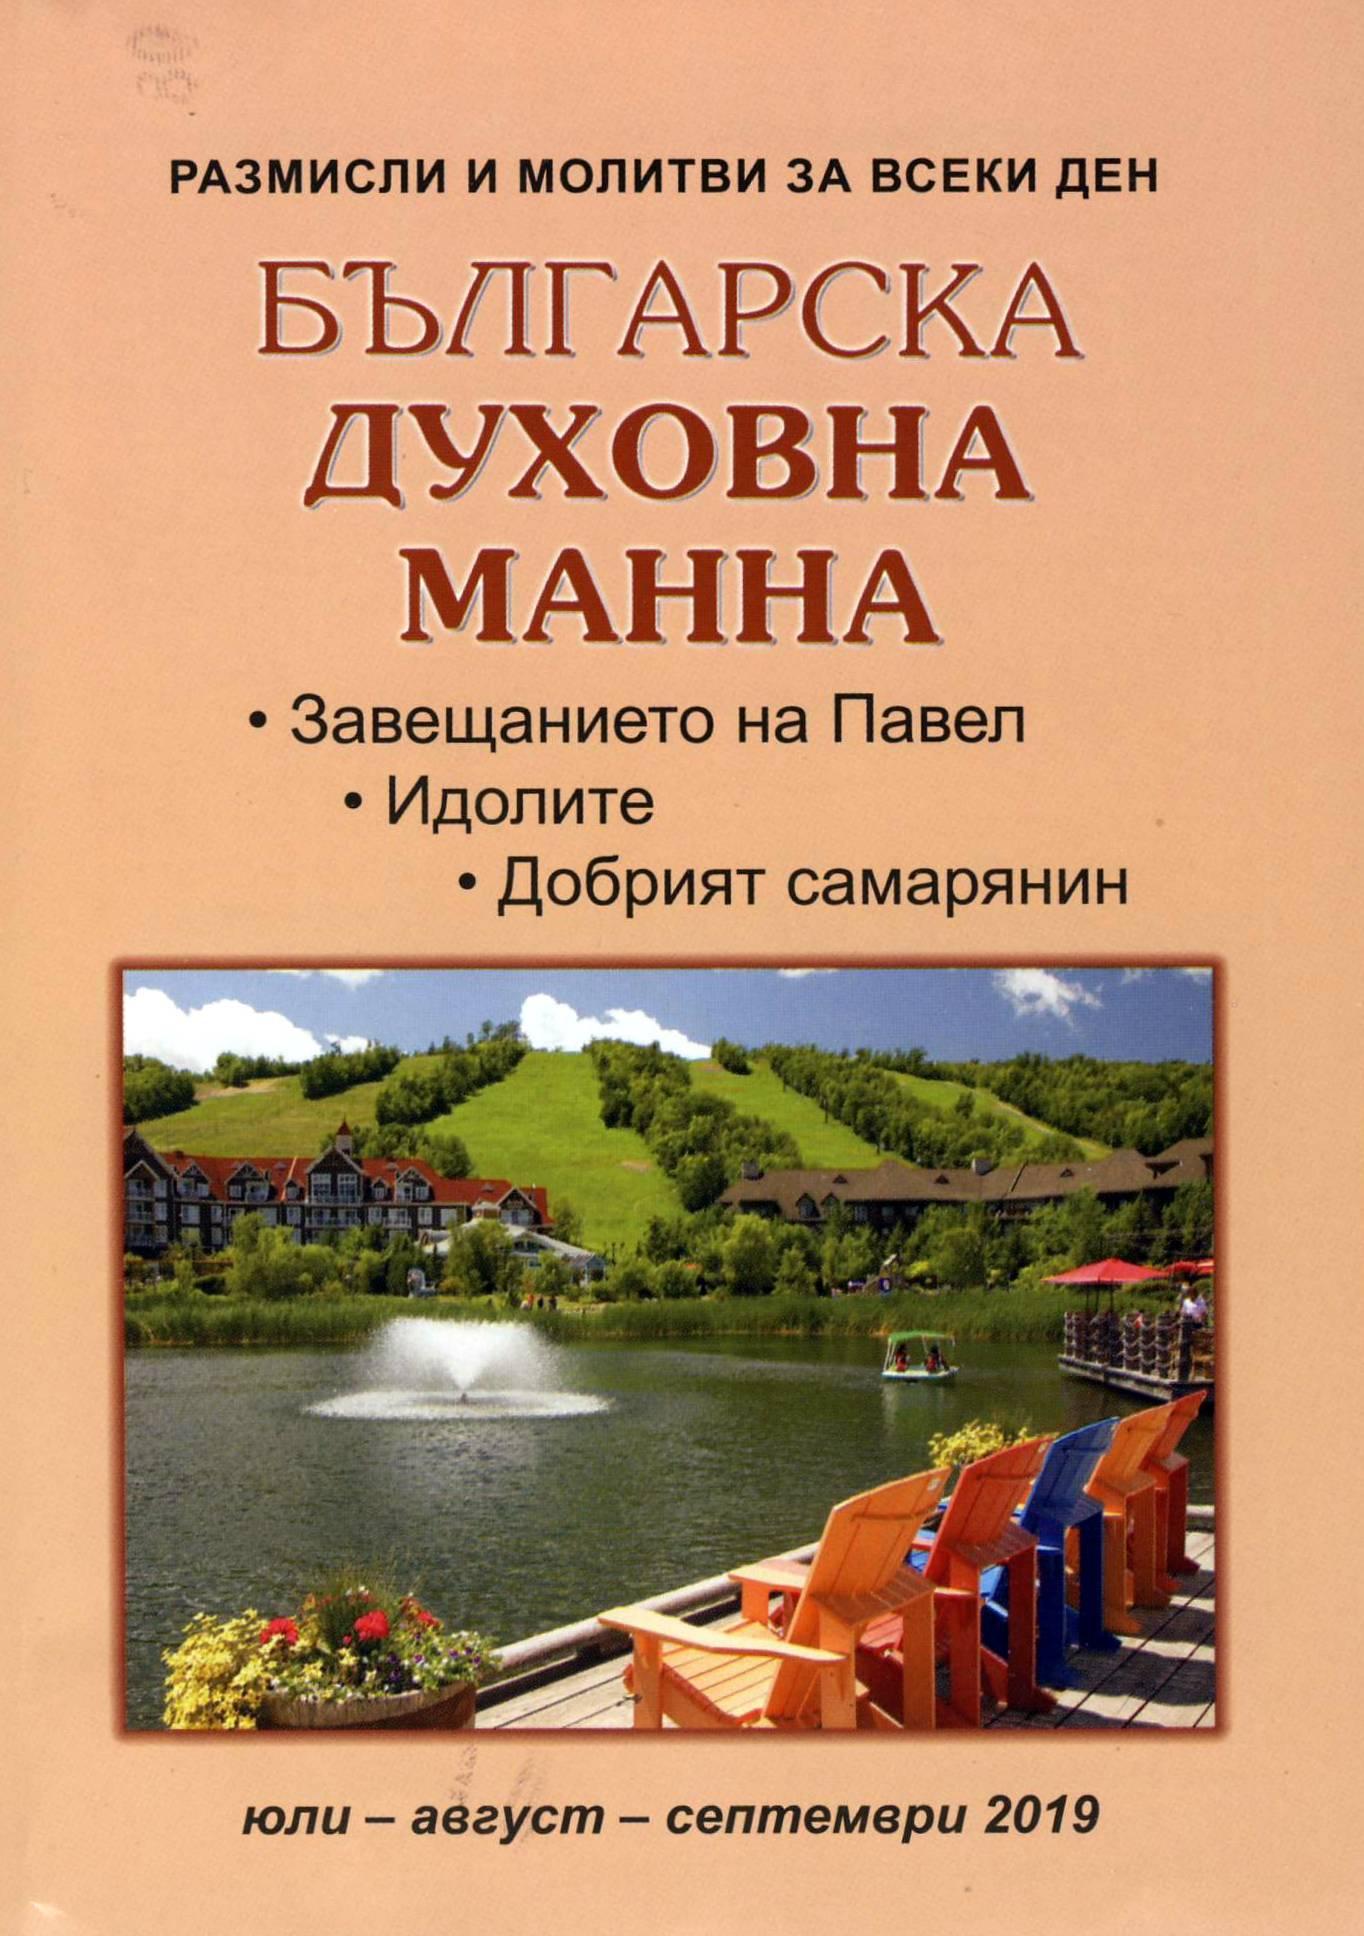 Българска духовна манна - юли, август, септември 2019